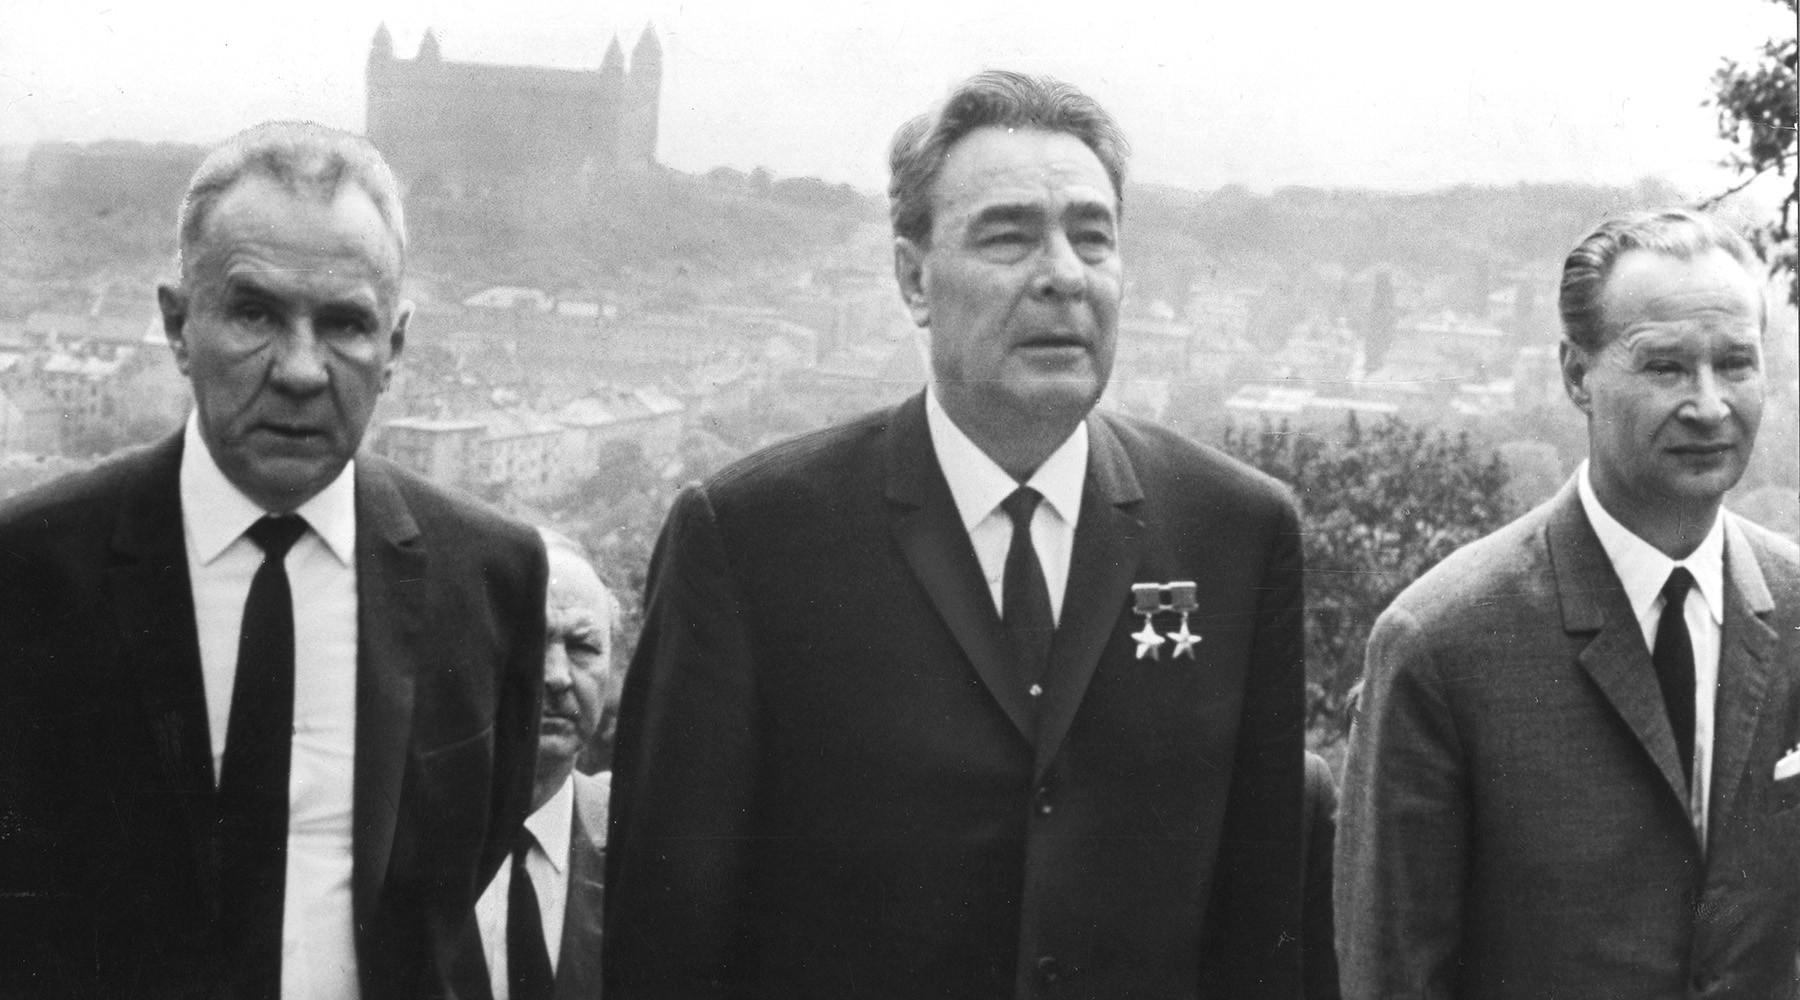 оккупация чехословакии 1968